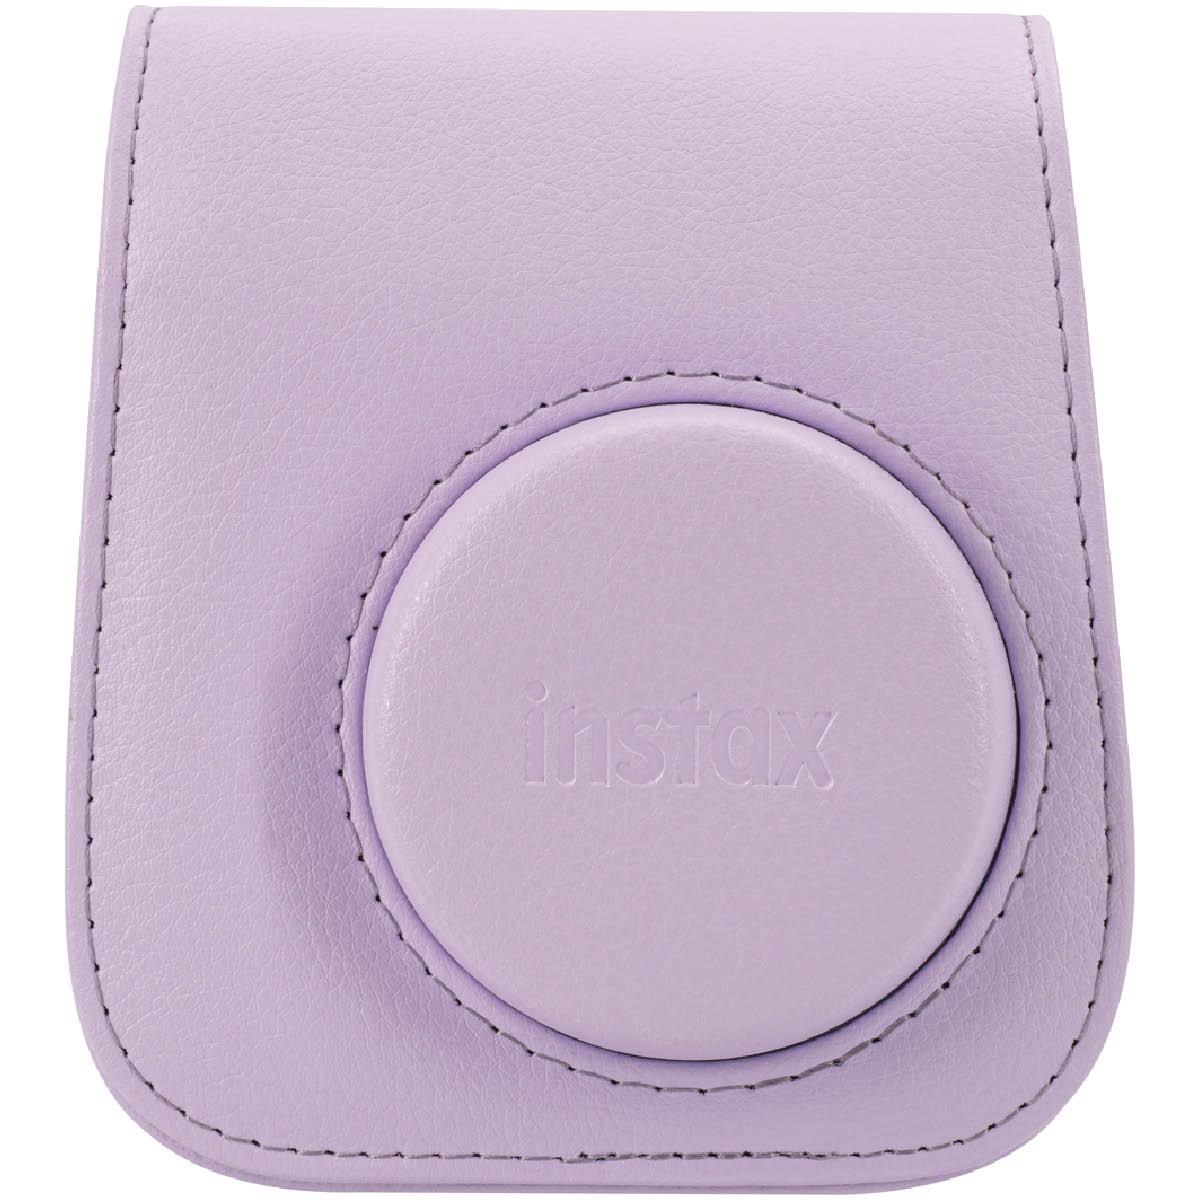 Fujifilm Instax Mini 11 Tasche Lilac Purple